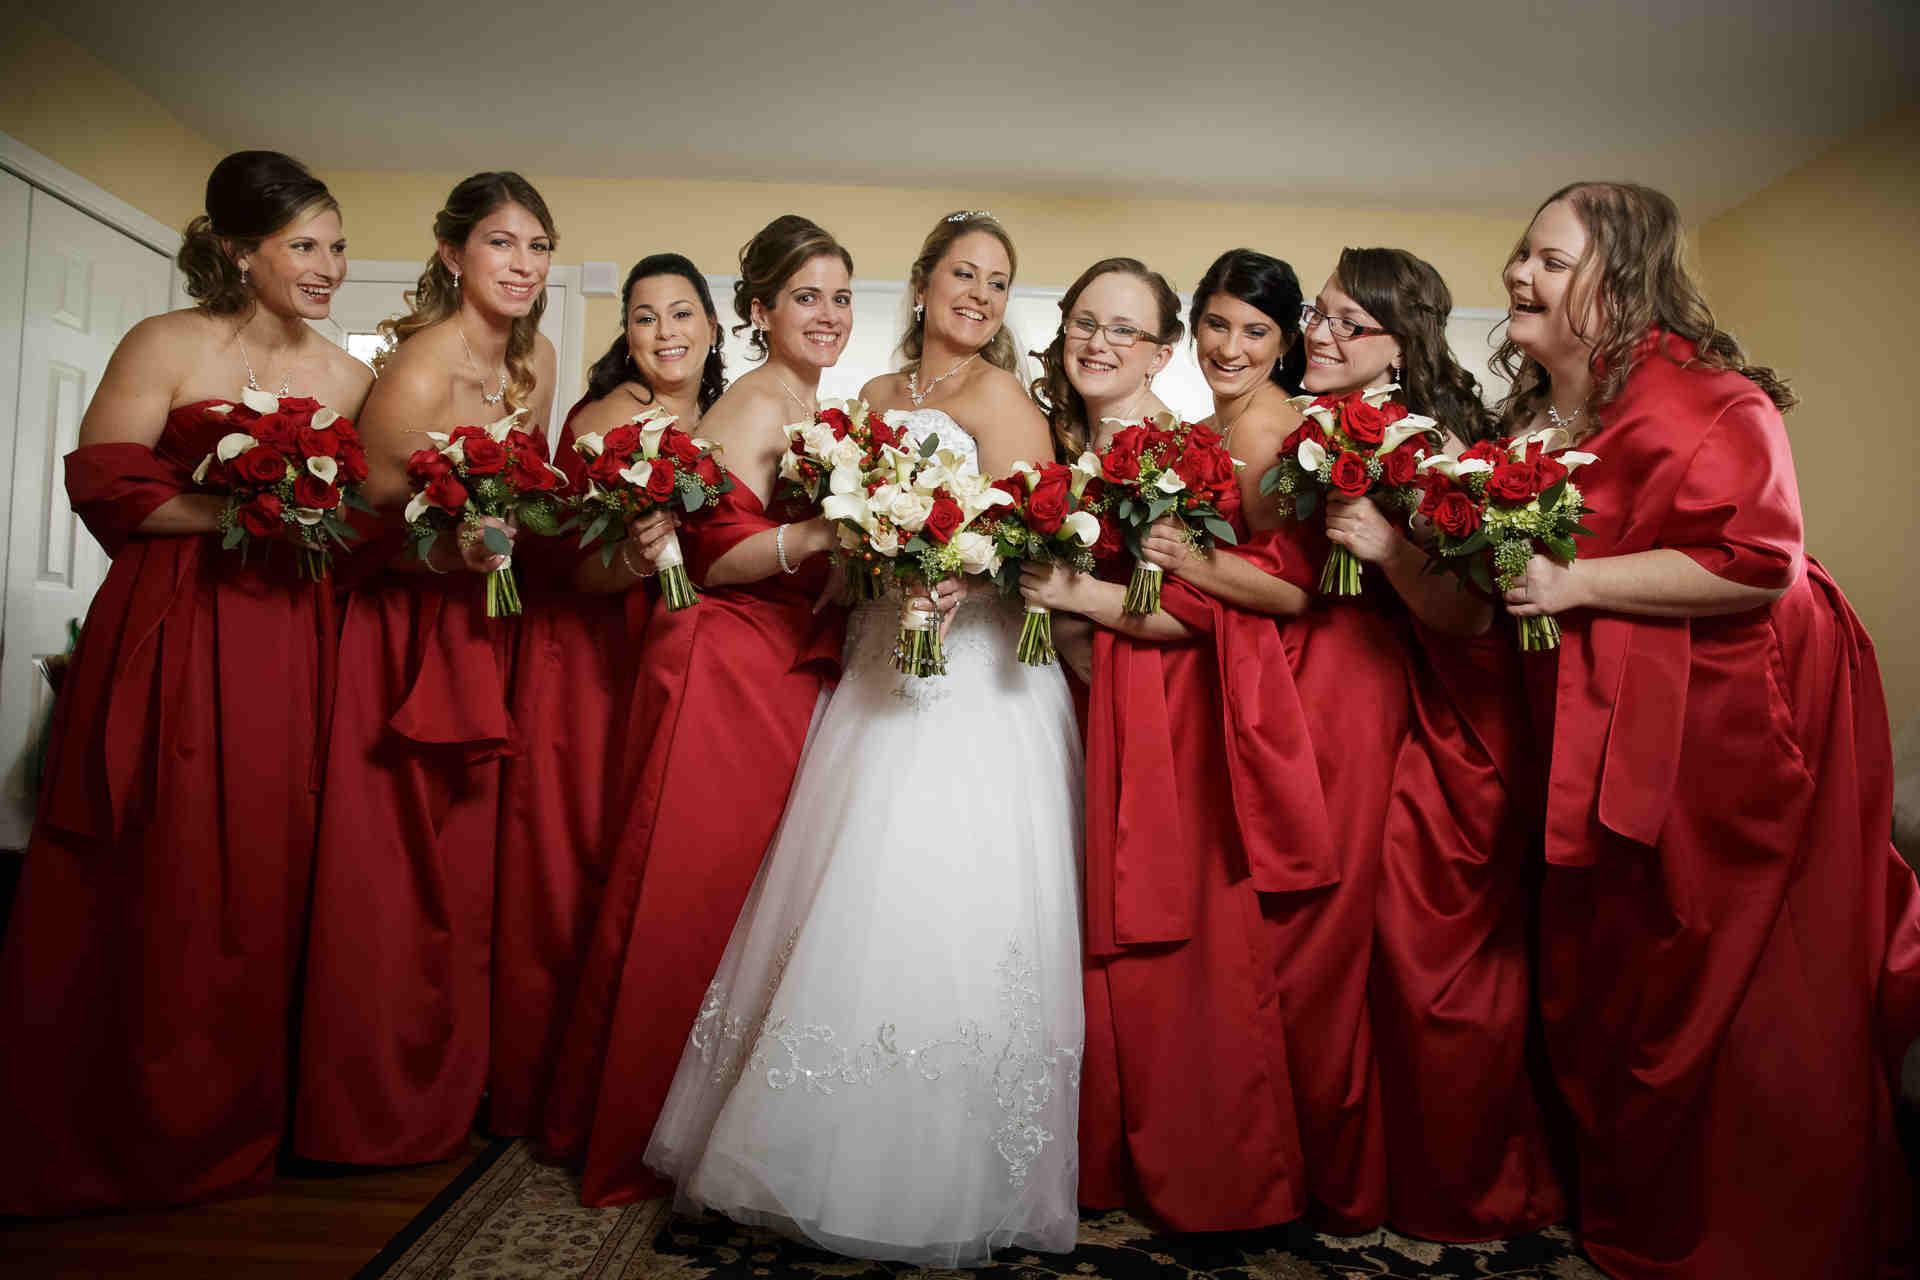 Choosing Wedding Colors Guide